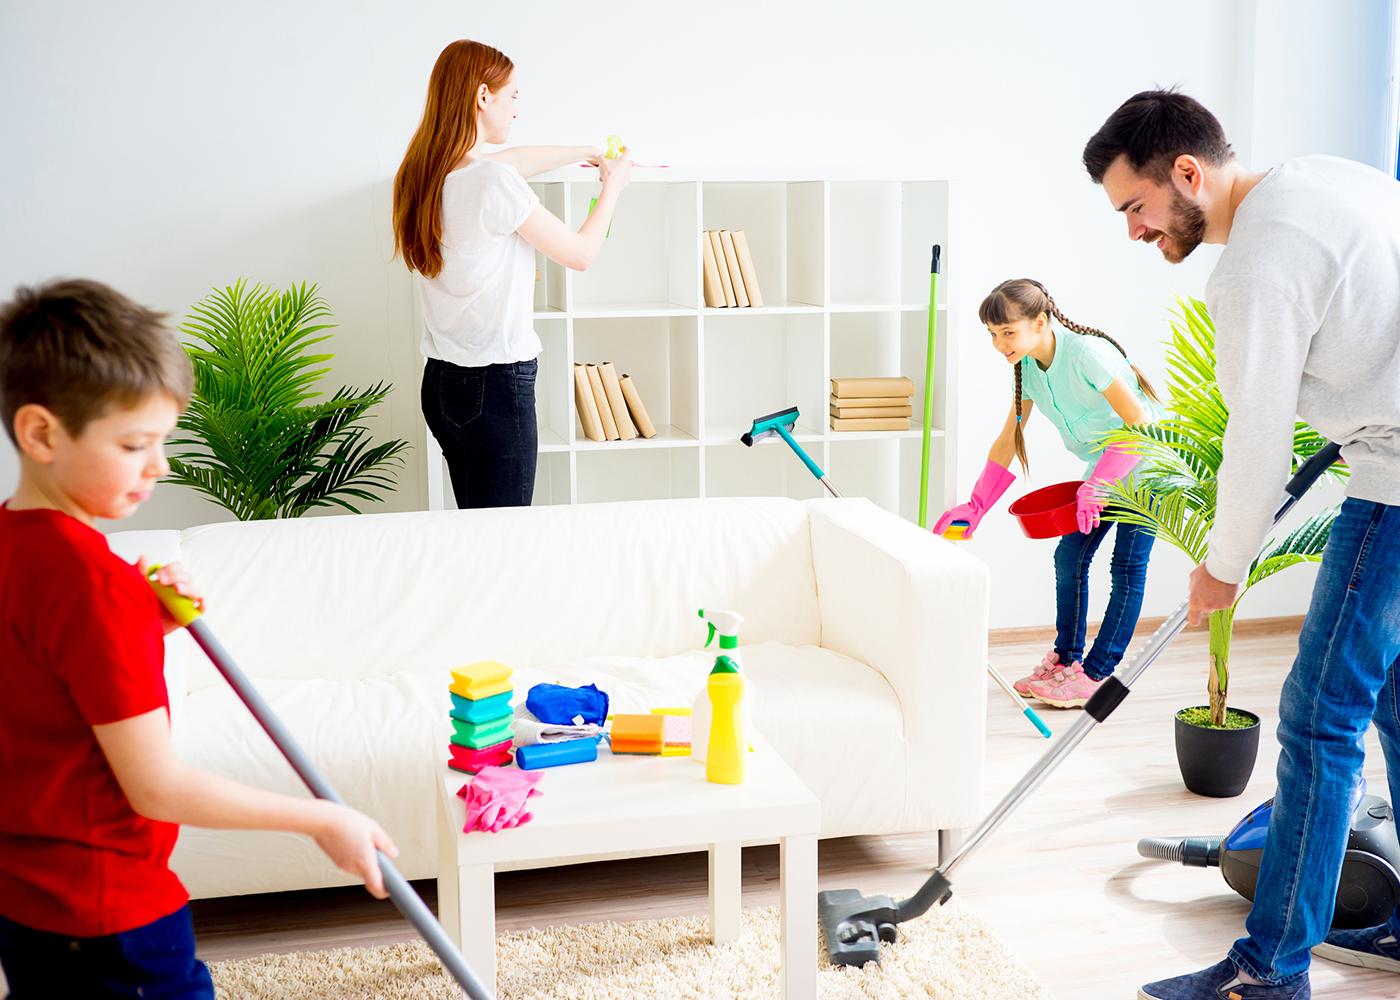 família a arrumar a casa